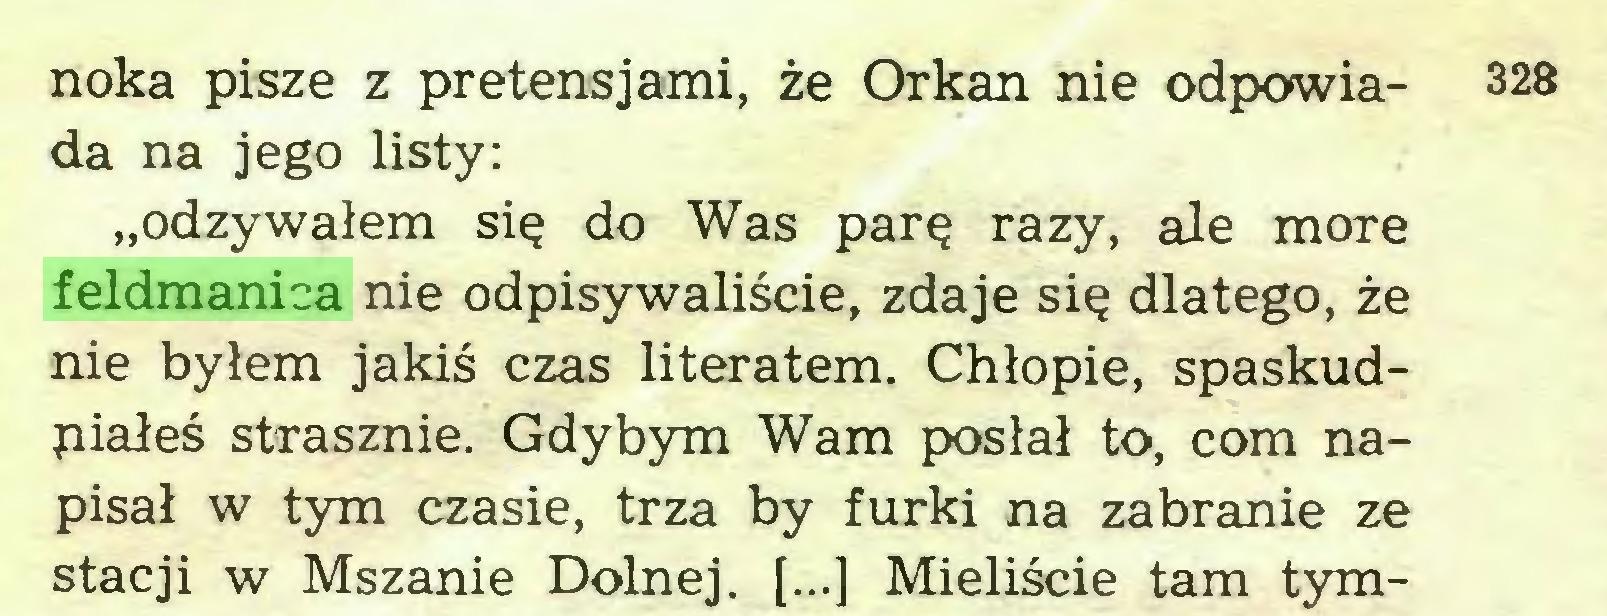 """(...) noka pisze z pretensjami, że Orkan nie odpowia- 328 da na jego listy: """"odzywałem się do Was parę razy, ale morę feldmanica nie odpisywaliście, zdaje się dlatego, że nie byłem jakiś czas literatem. Chłopie, spaskudpiałeś strasznie. Gdybym Wam posłał to, com napisał w tym czasie, trza by furki na zabranie ze stacji w Mszanie Dolnej. [...] Mieliście tam tym..."""